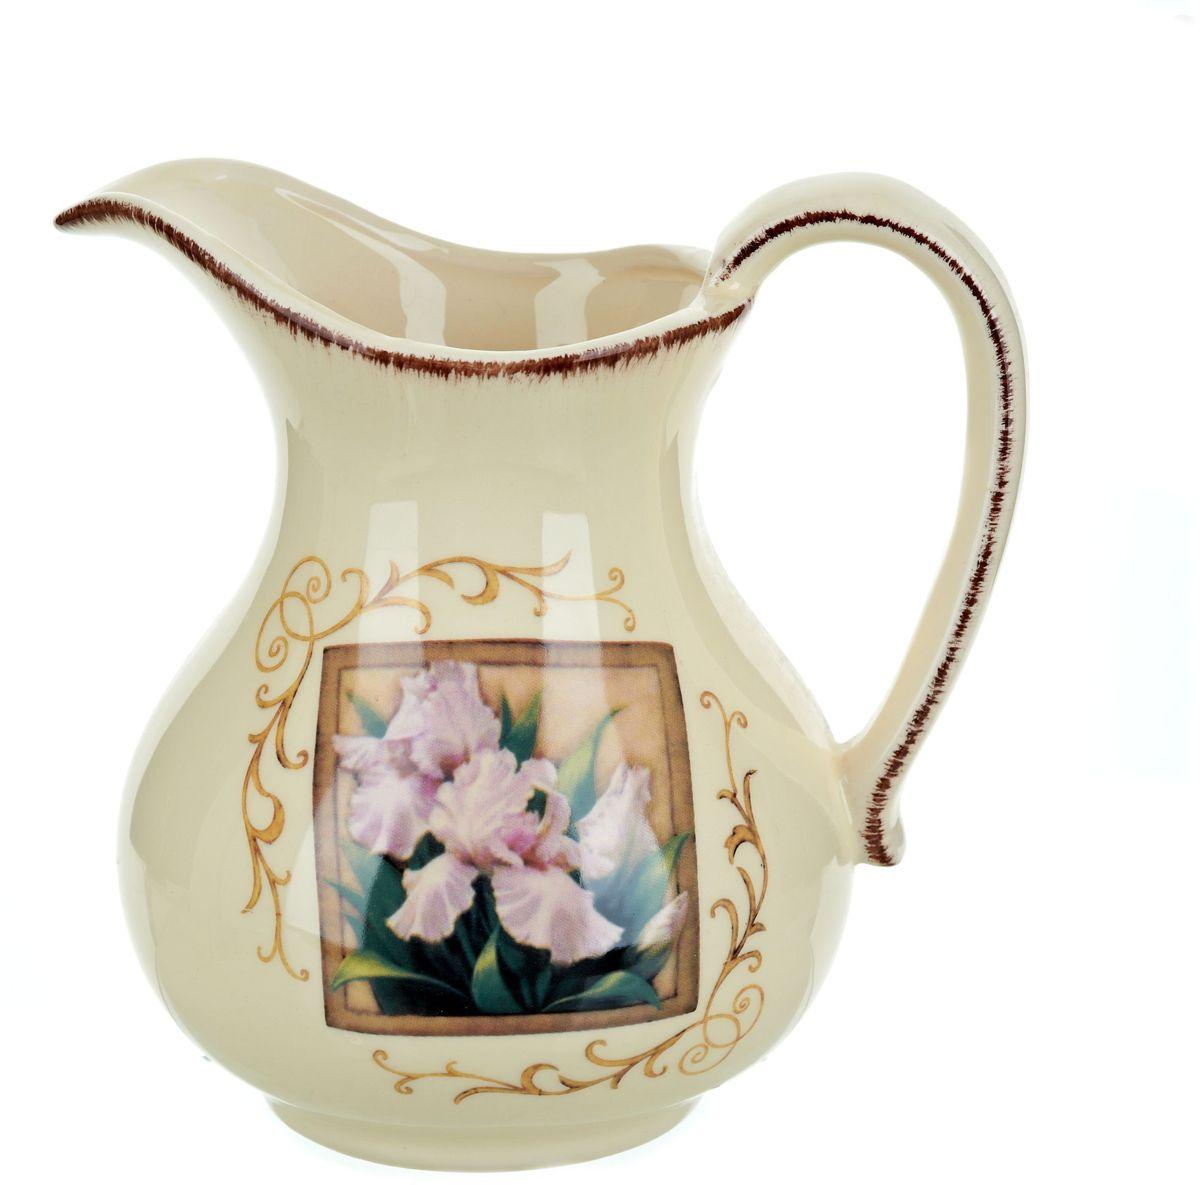 Кувшин ENS Group Розовый ирис, 1,28 лVT-1520(SR)Кувшин Розовый ирис изготовлен из высококачественной керамики, декорирован узорами и изображением ириса в рамке. Кувшин оснащен удобной ручкой. Прекрасно подходит для подачи воды, сока, компота и других напитков. В подарочной упаковке. Изящный кувшин красиво оформит стол и порадует вас элегантным дизайном и простотой ухода.